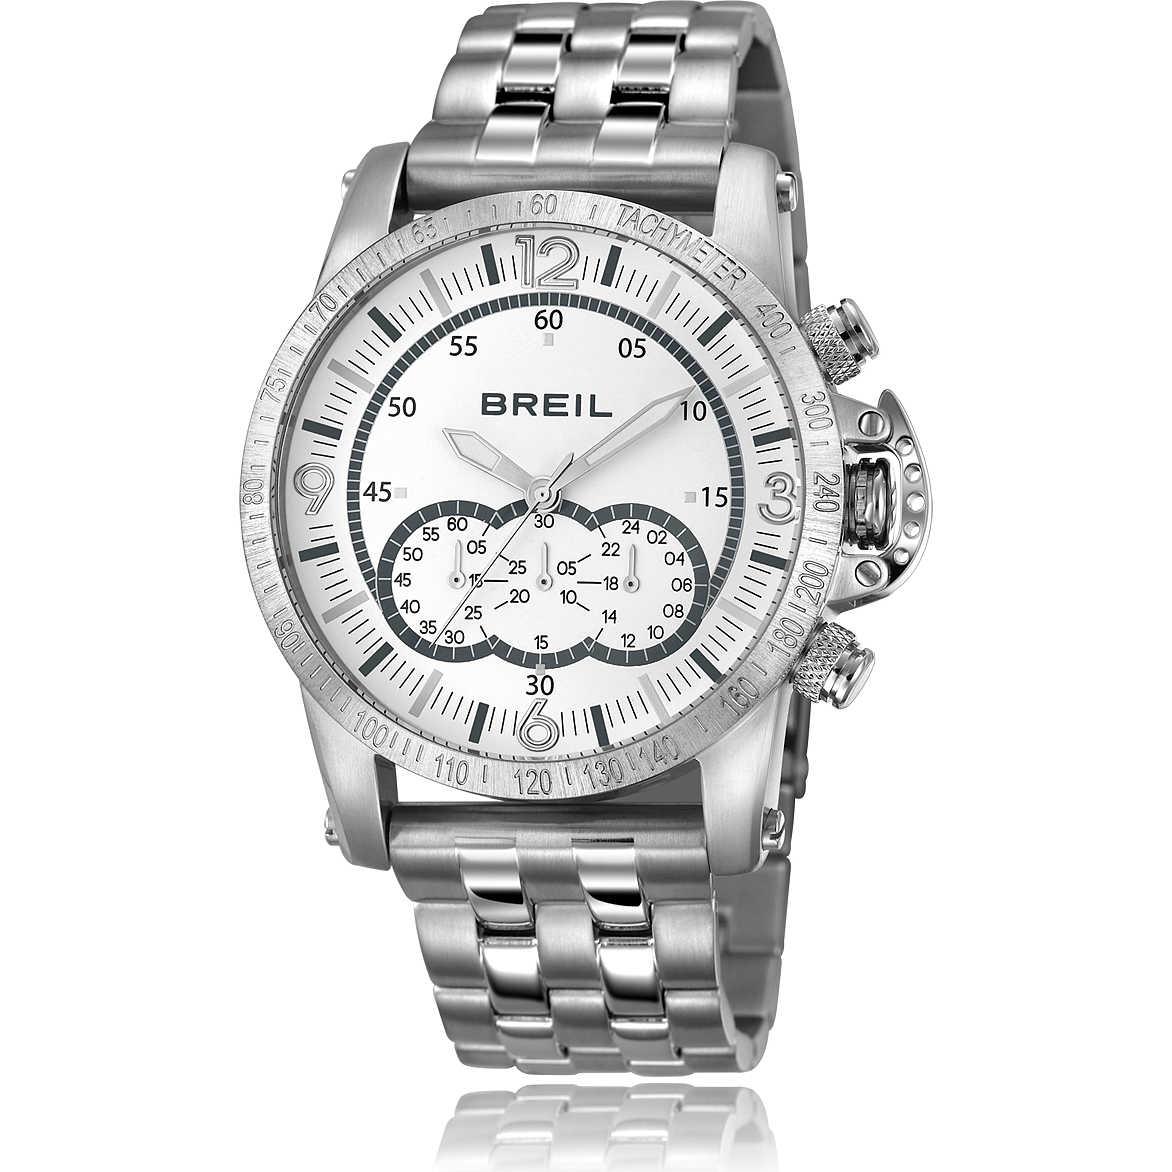 Orologio cronografo uomo breil tw1142 cronografi breil for Pietro milano orologi